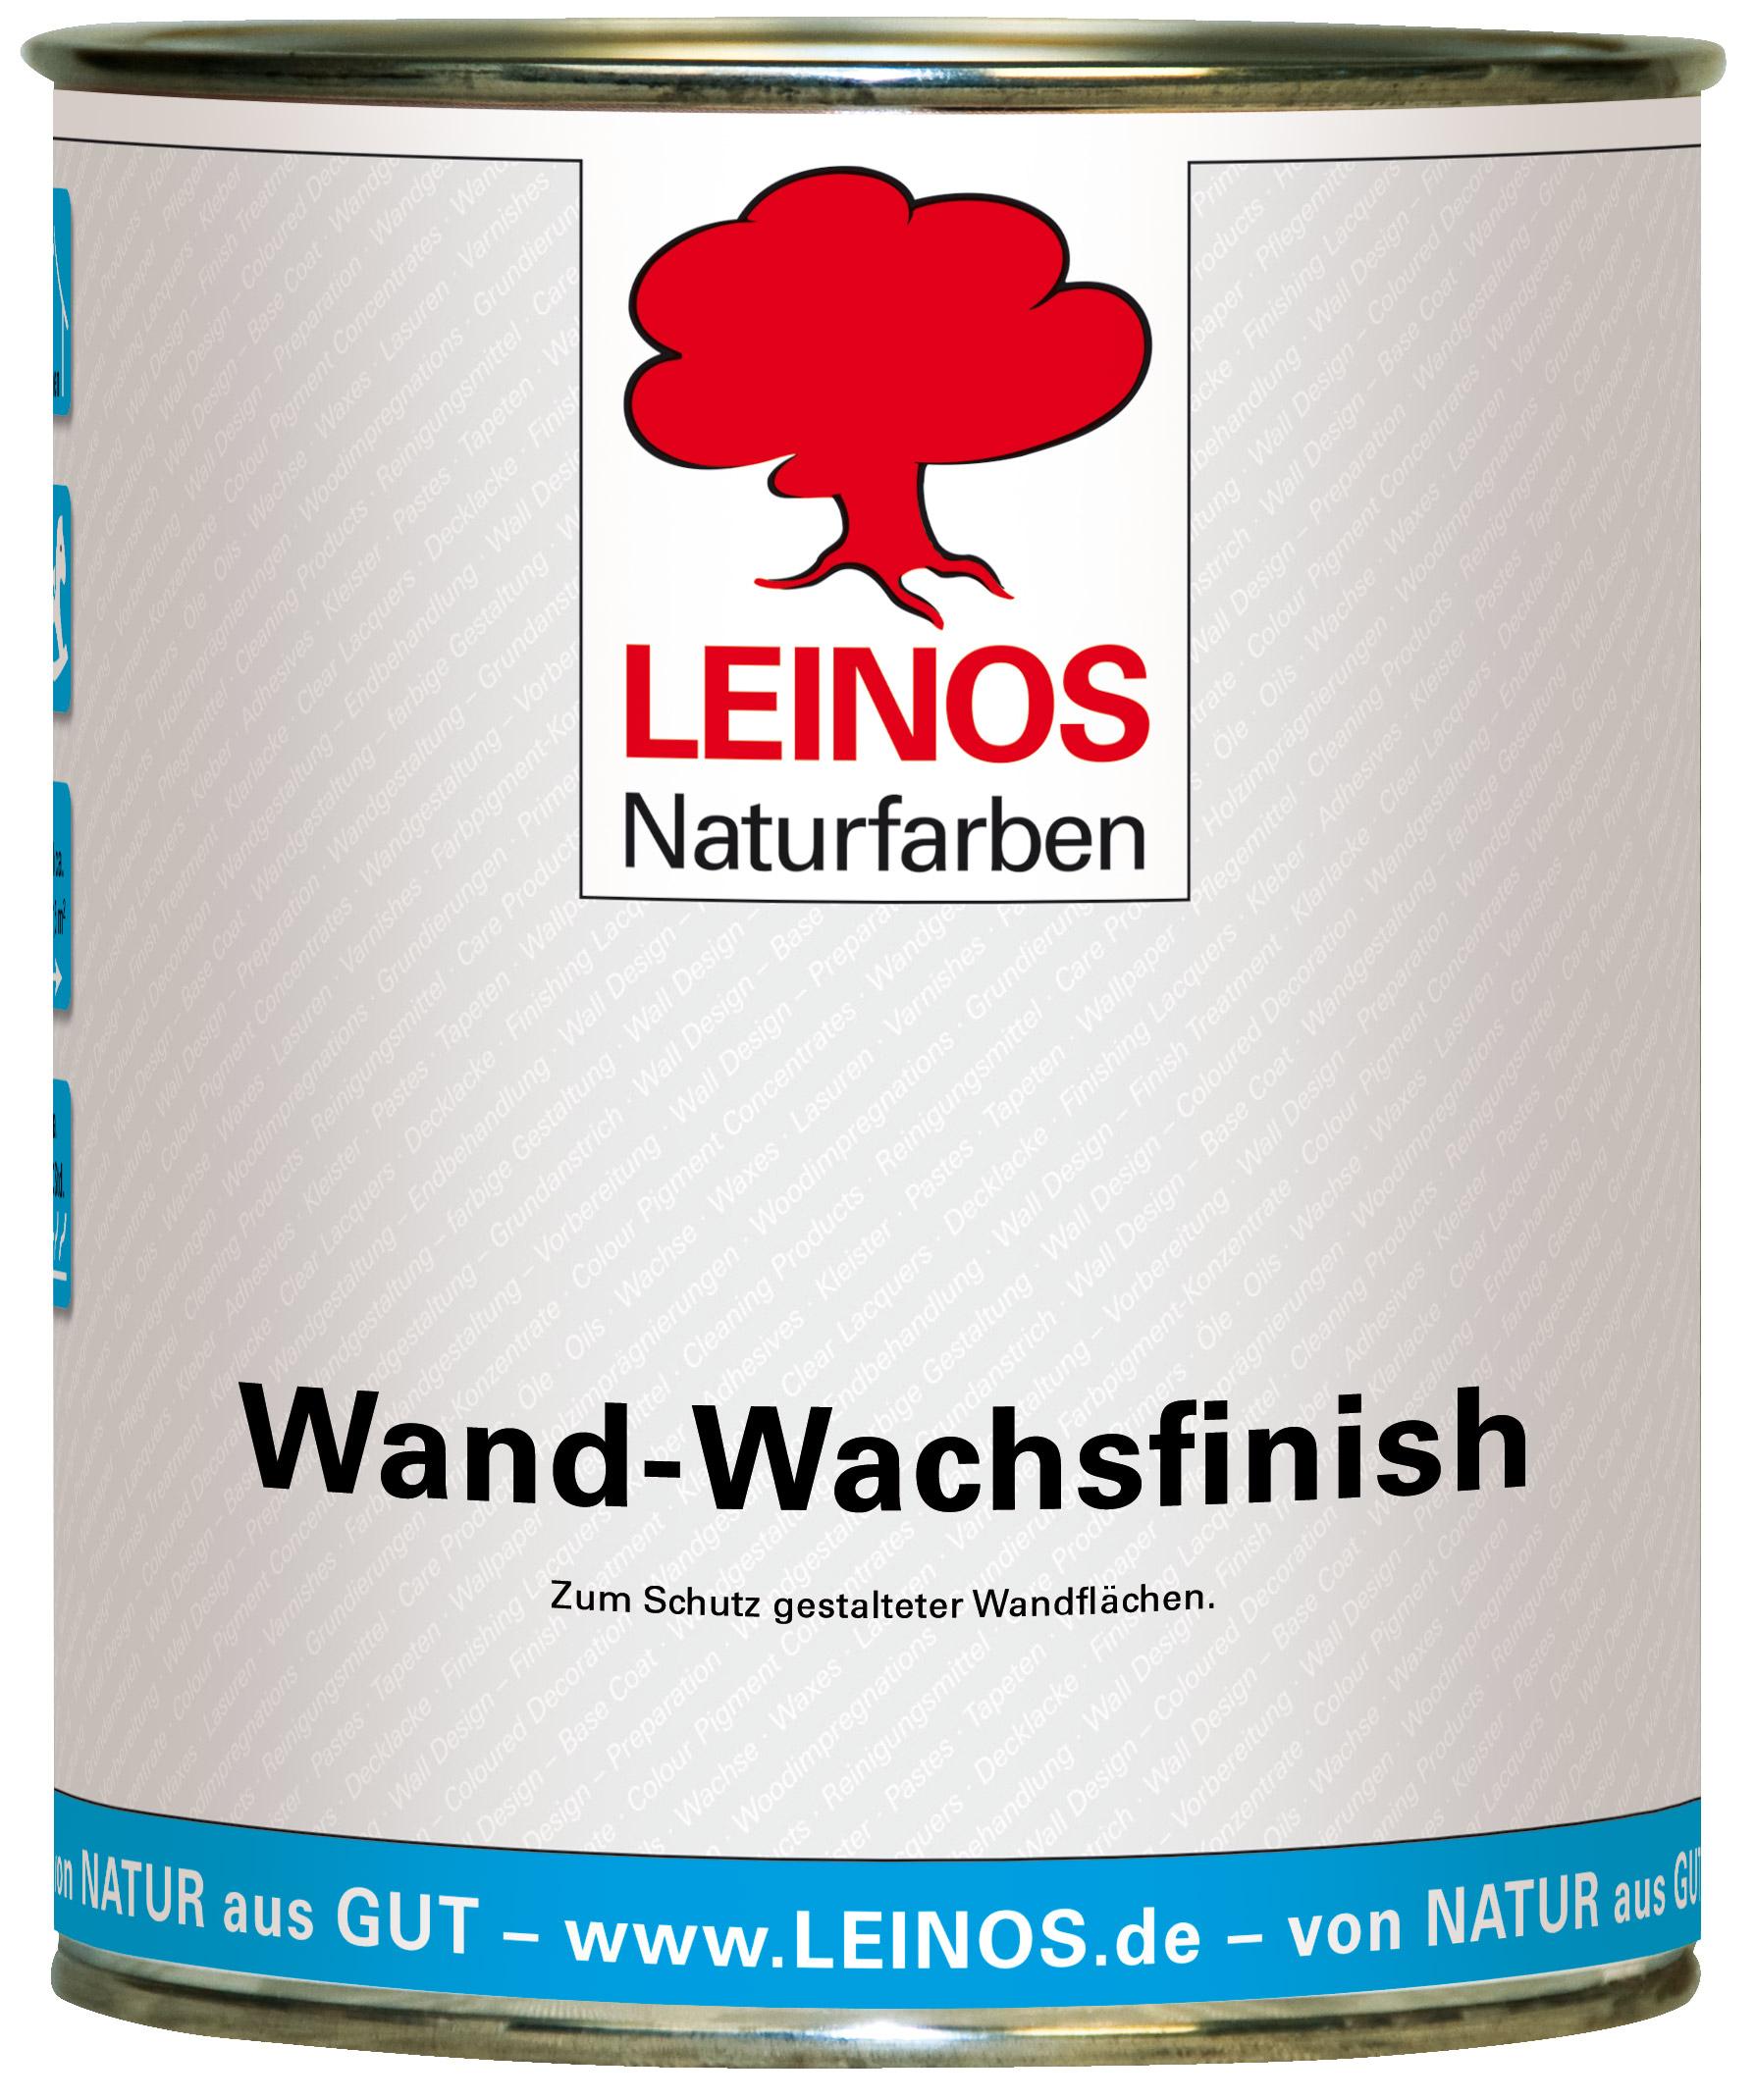 Leinos Wand-Wachsfinish